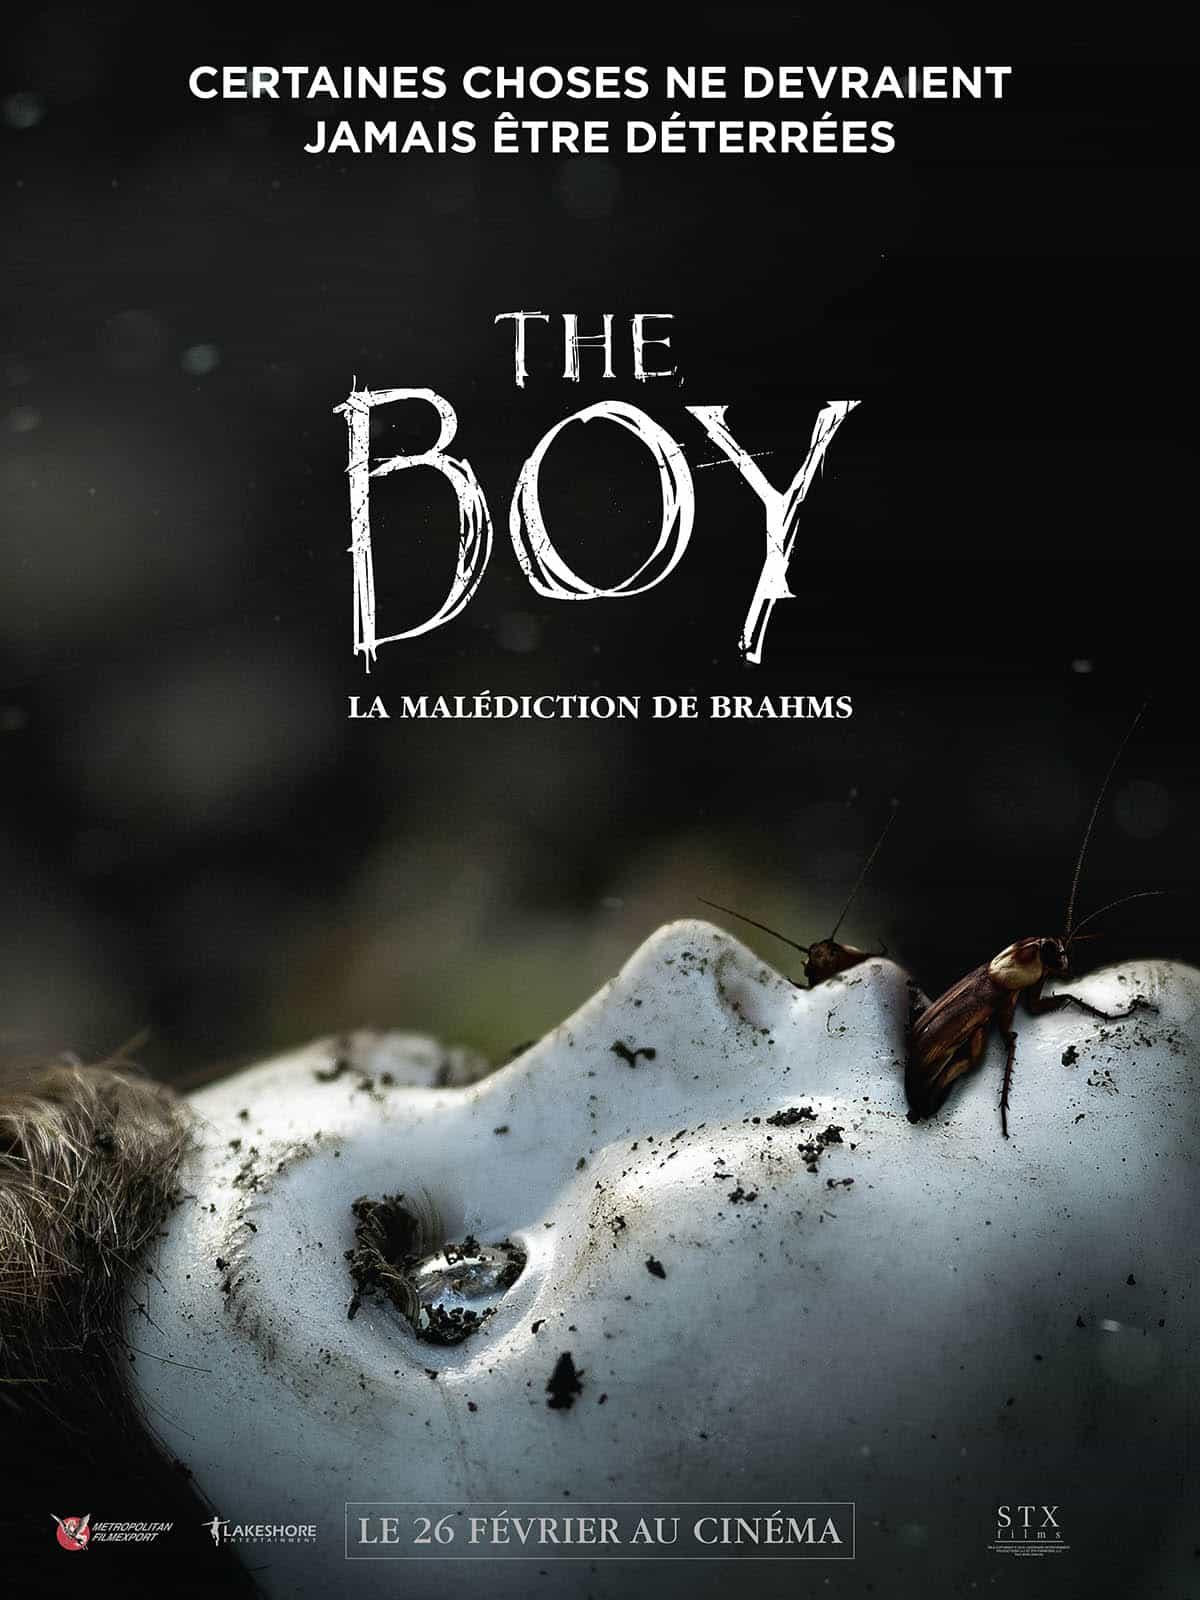 The Boy la malédiction de brahms affiche